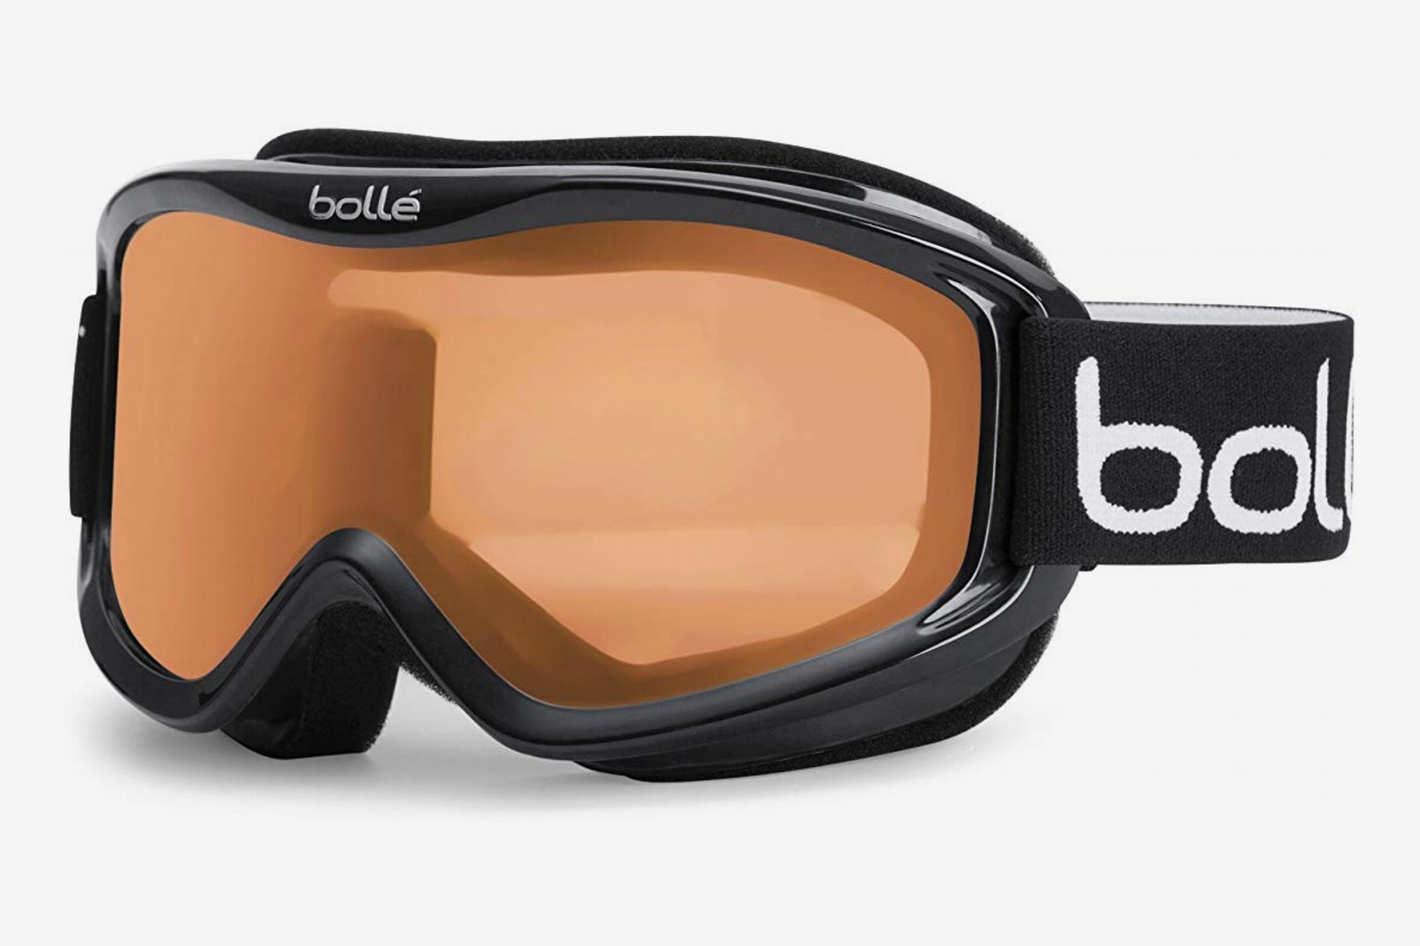 ad4a3b7615 12 Best Ski Goggles 2019